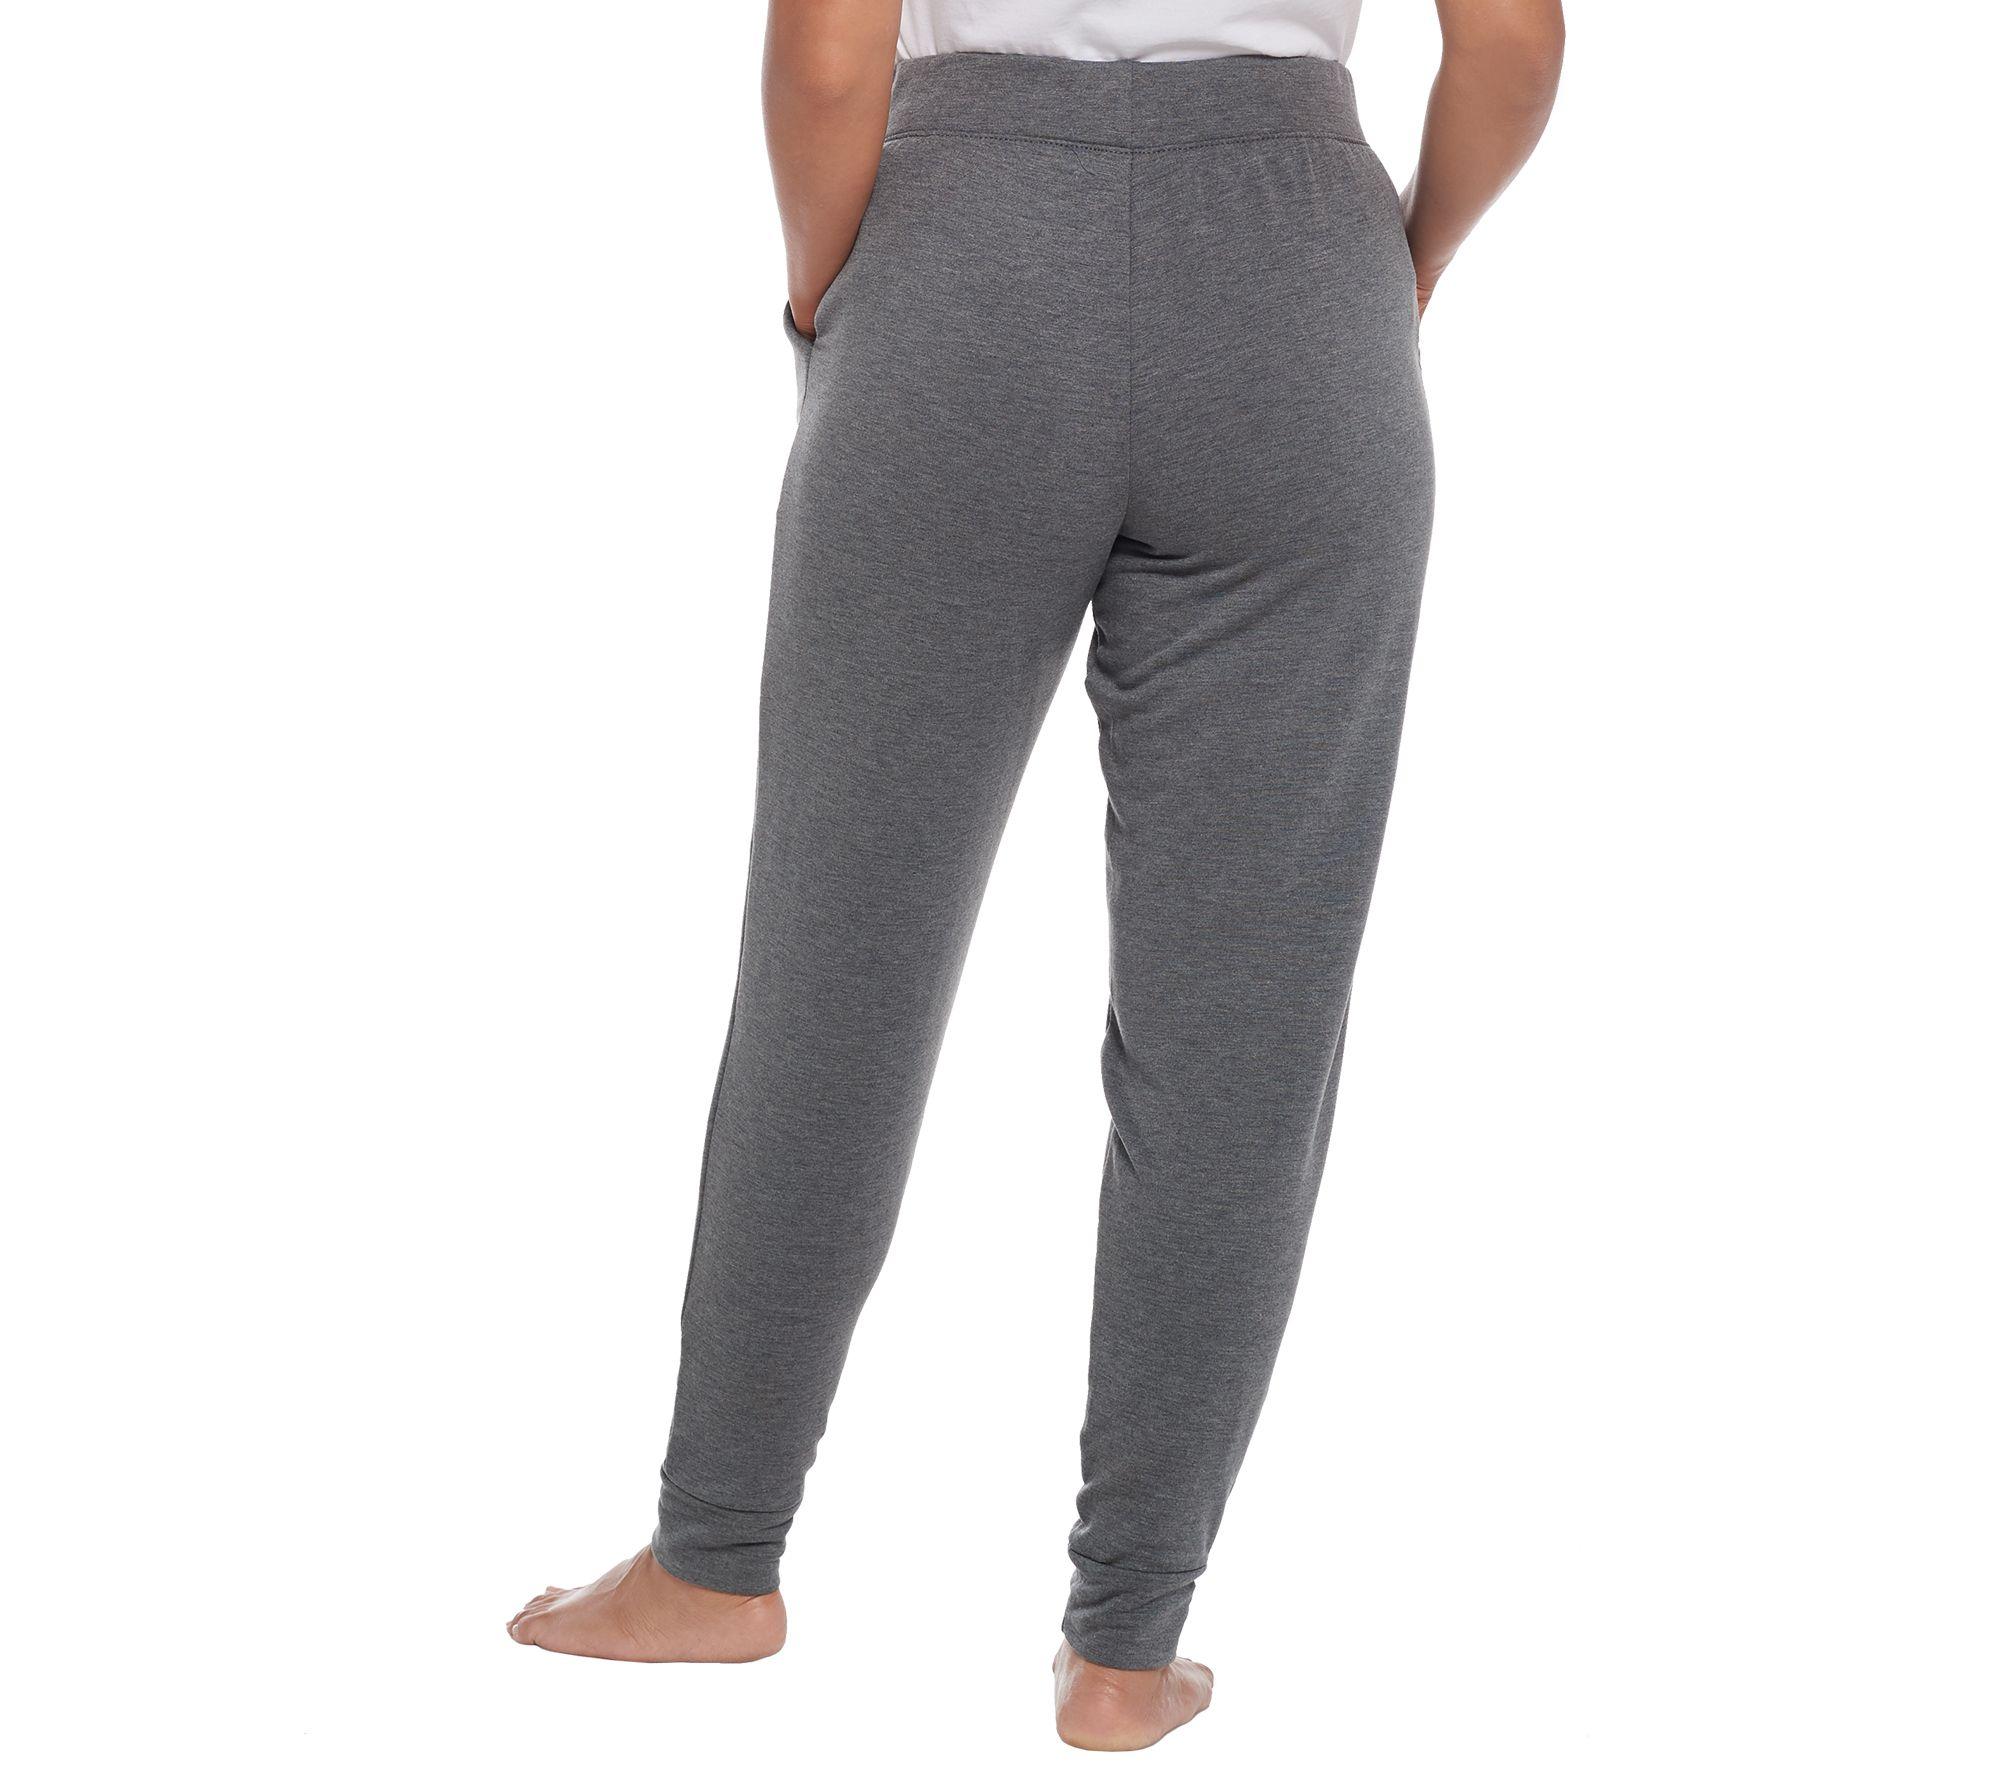 87d2ae73c05e9 Cuddl Duds Petite Comfortwear Jogger Pants - Page 1 — QVC.com